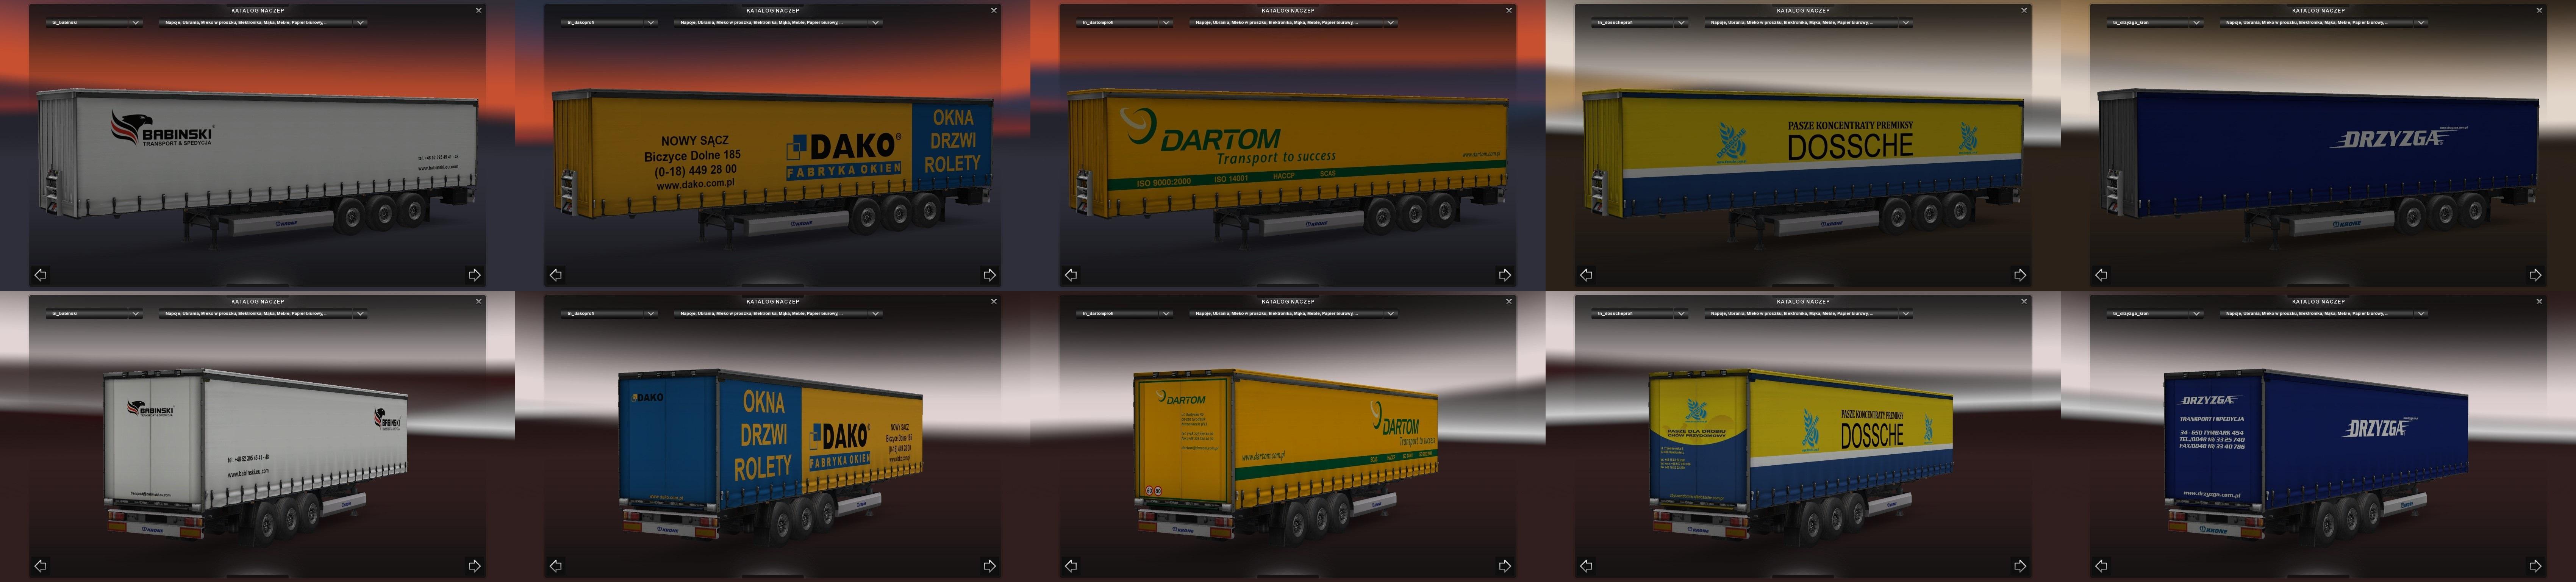 2895-trailer-pack-profi-liner-by-biksan-1-21-x_1